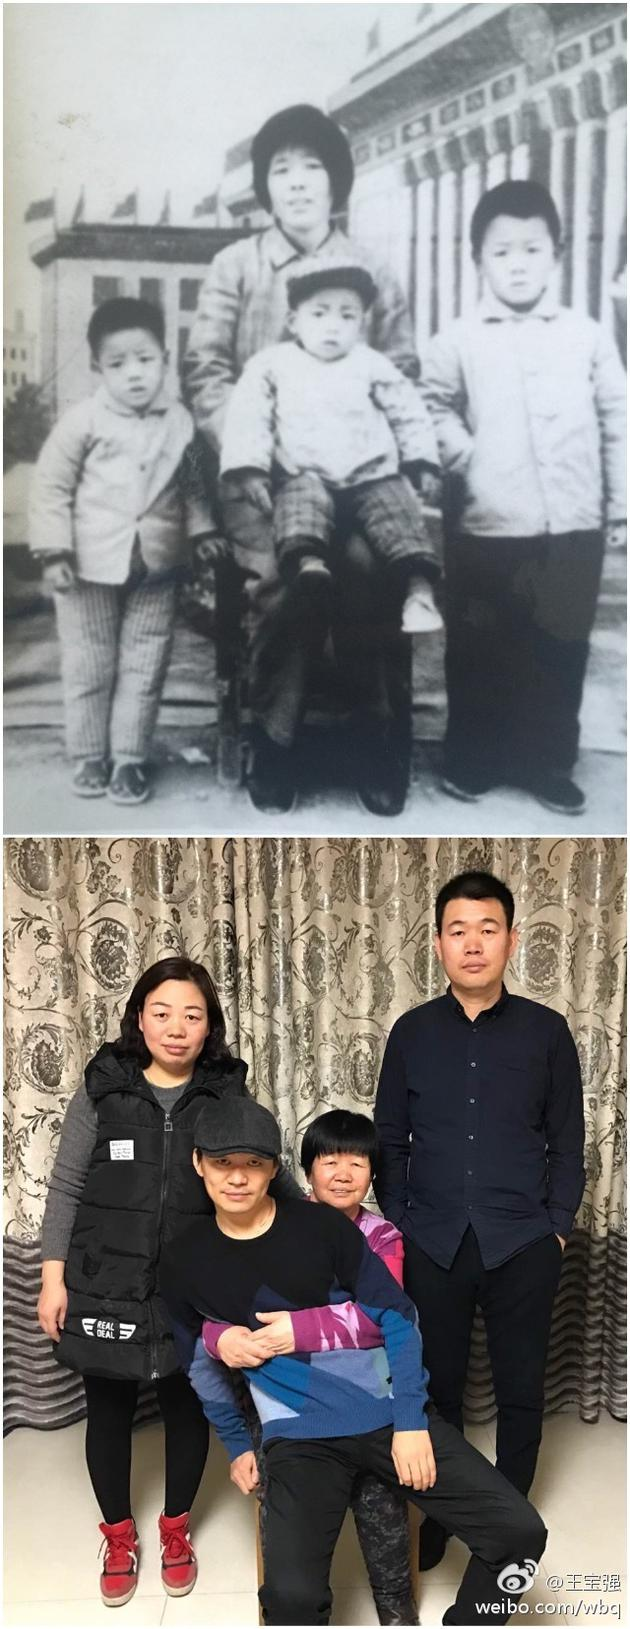 30年前与30年后